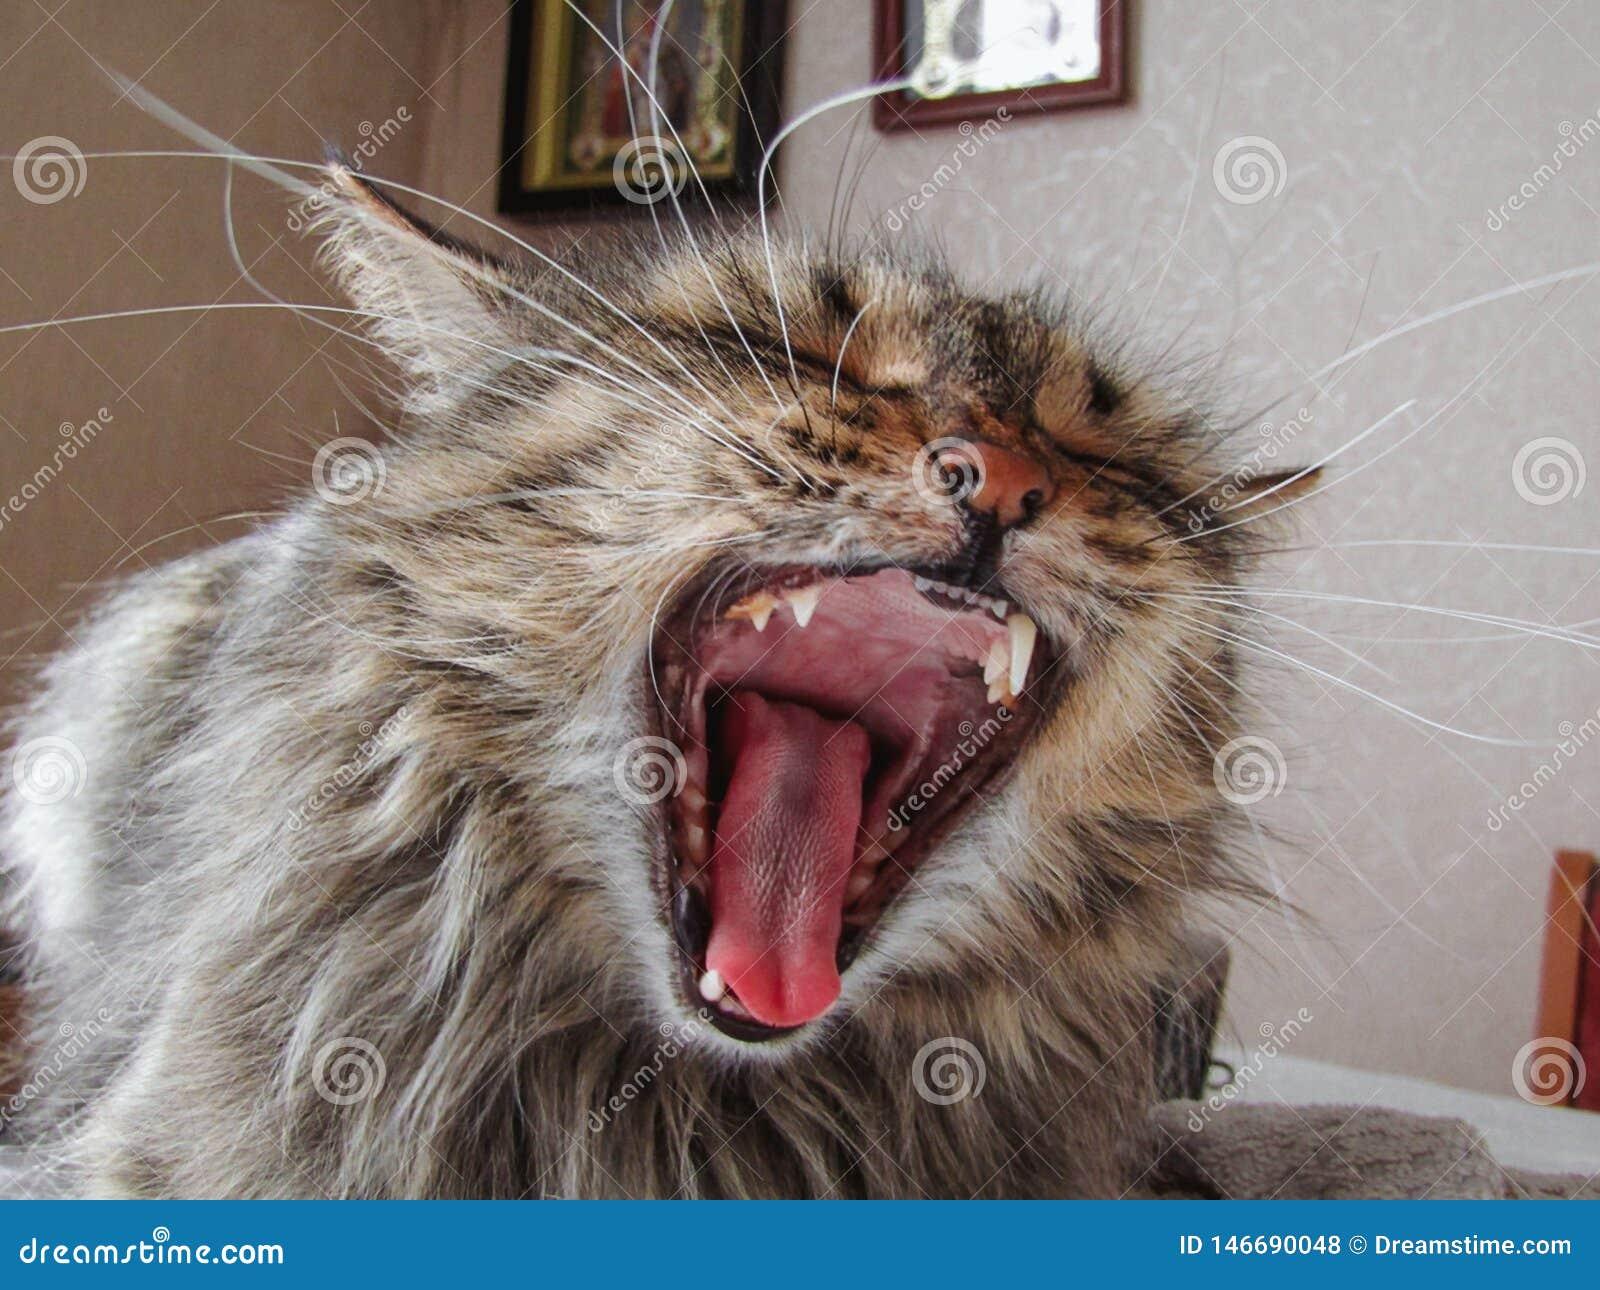 Gähnende Katze, die auf dem Tisch sitzt